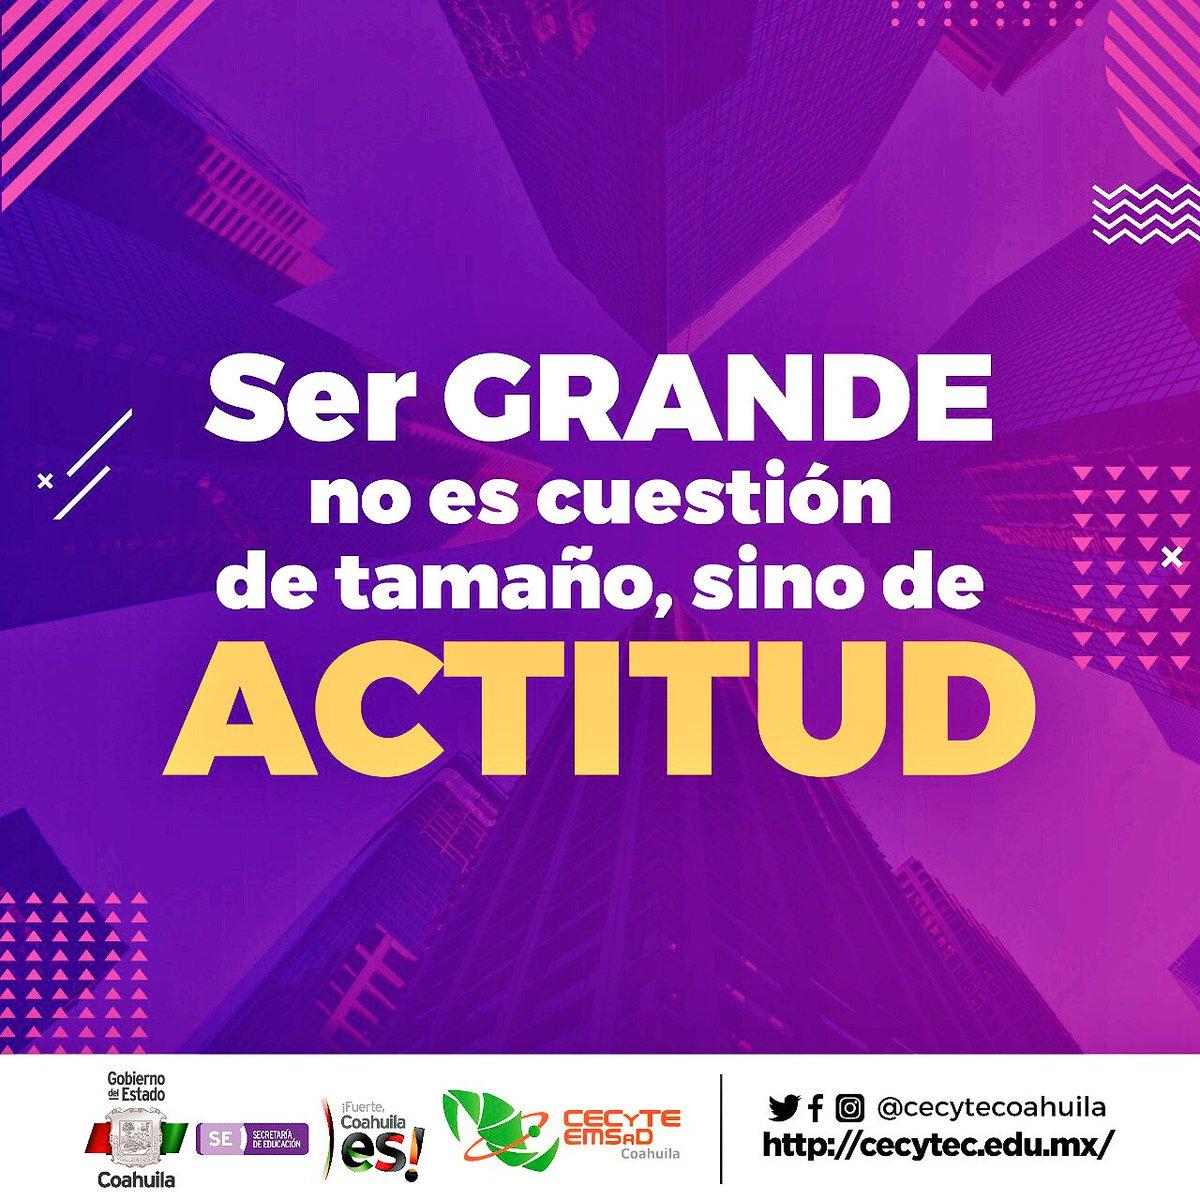 ¡Excelente inicio de semana! 👍🏼 #Actitud...